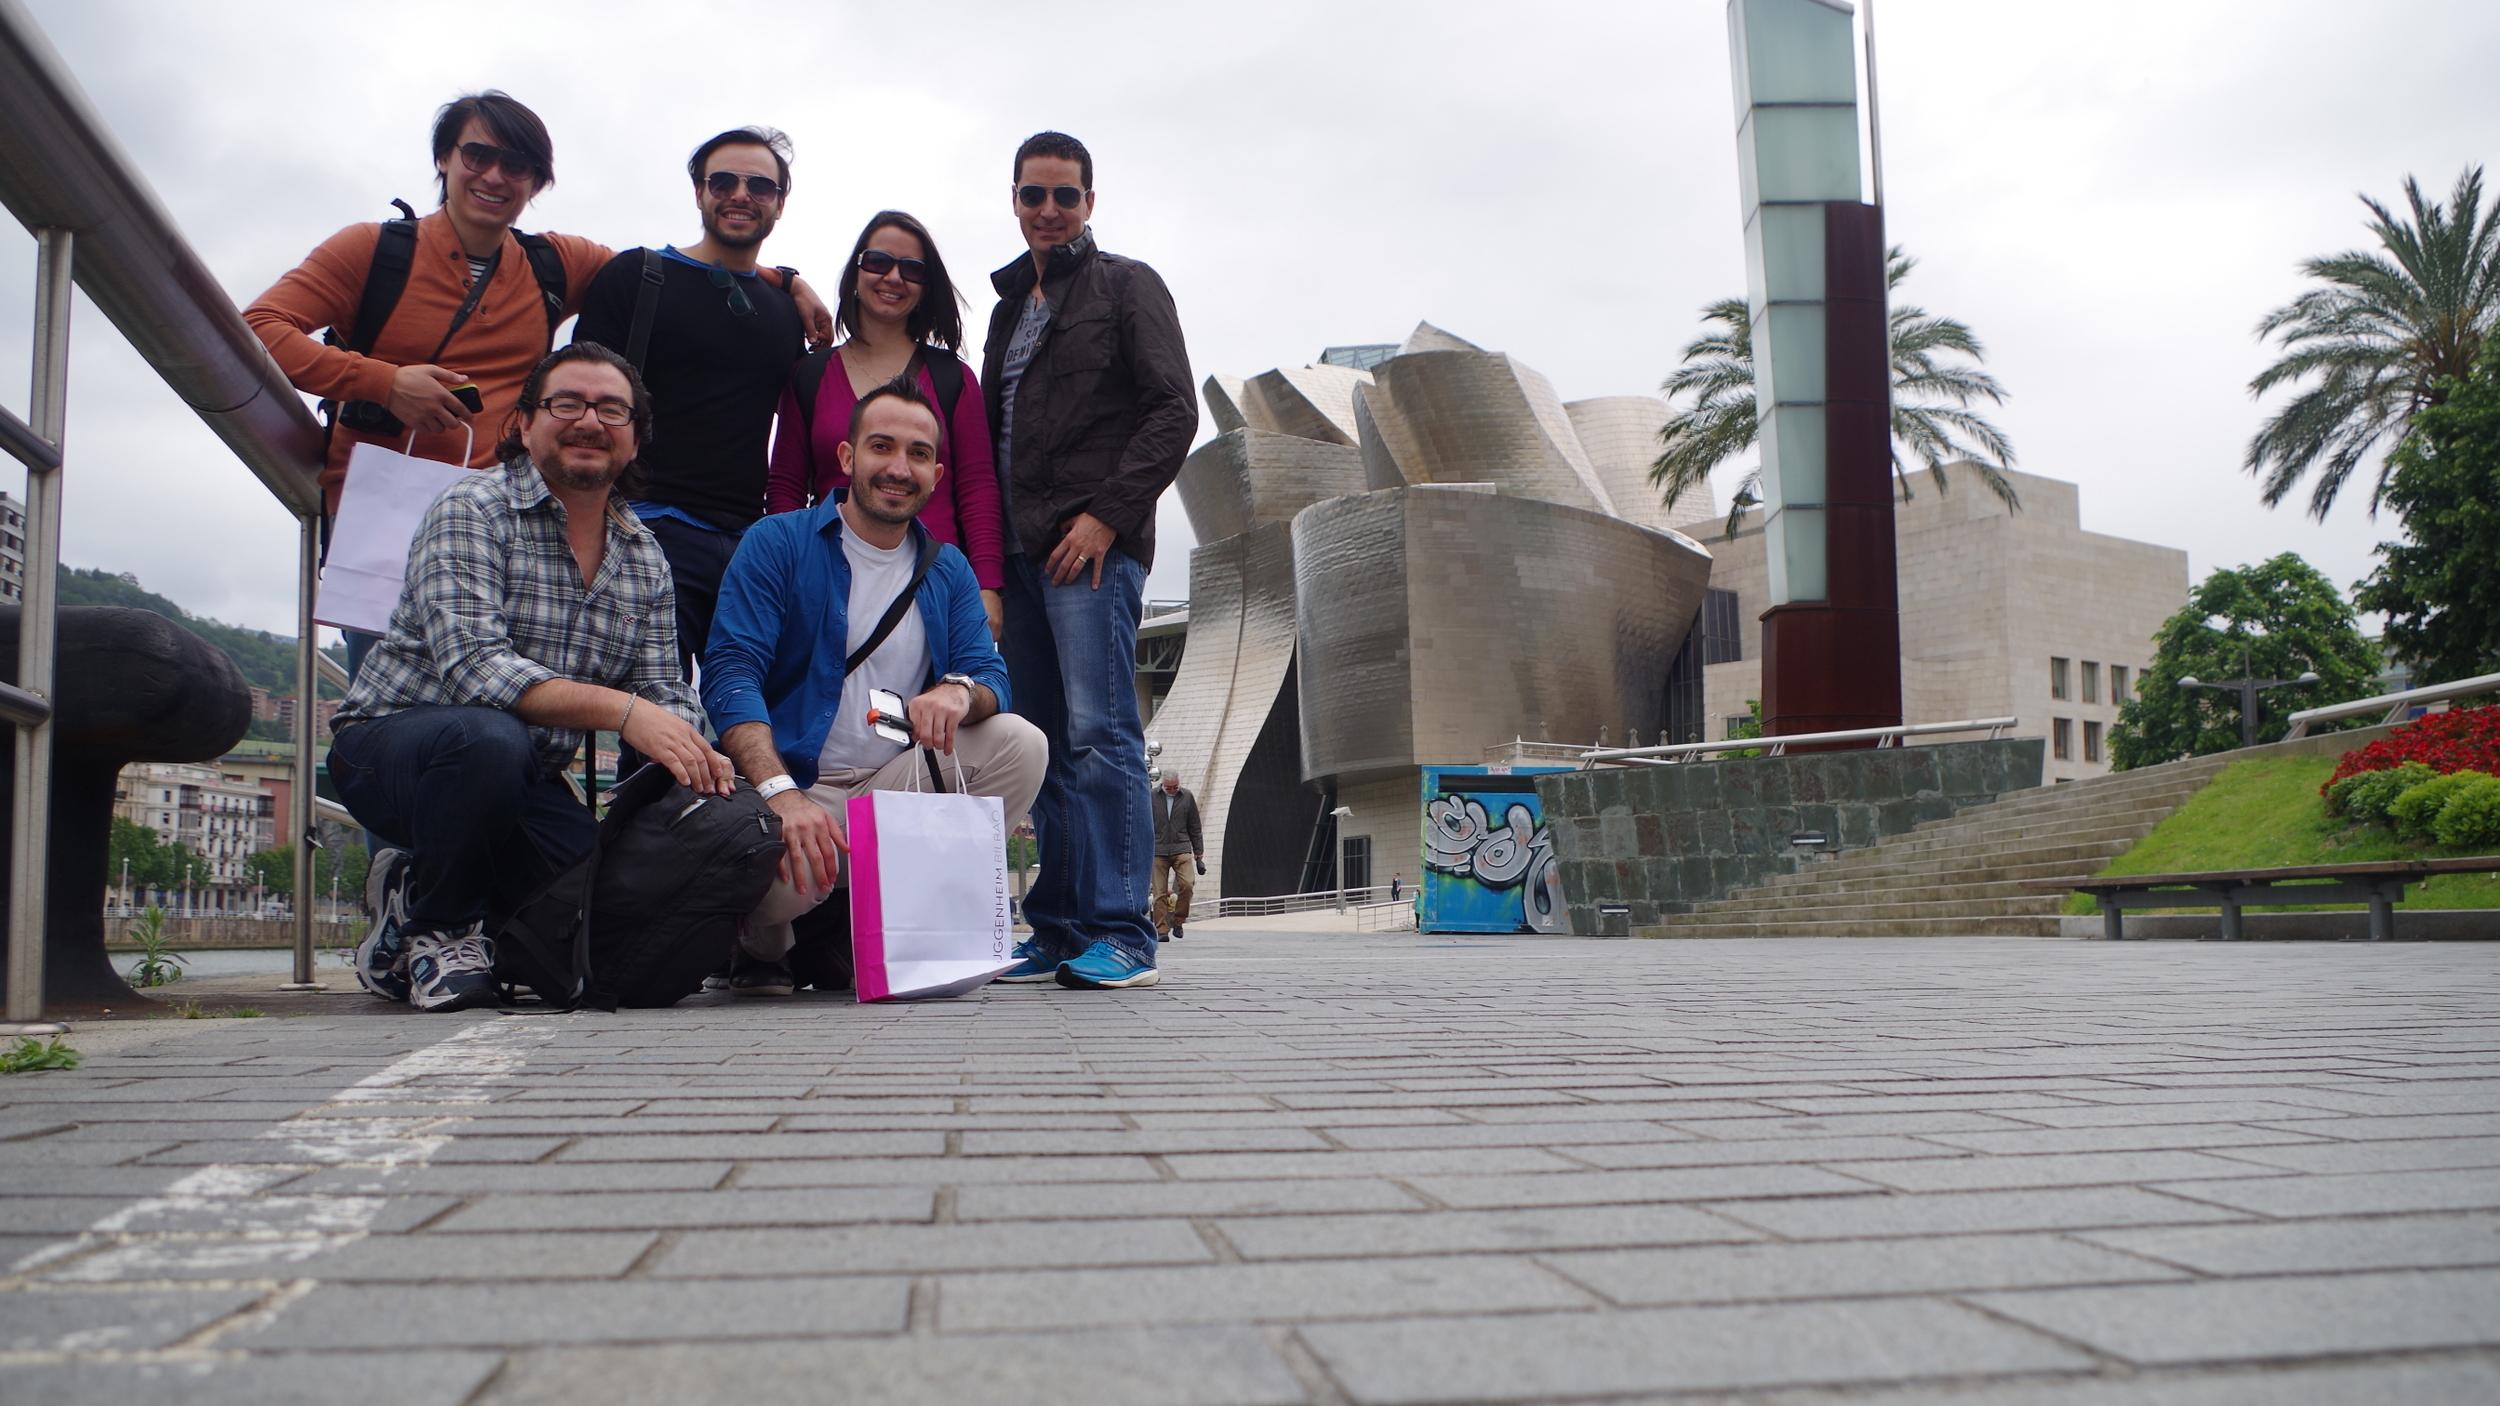 El equipo de arquitectura de Studio Domus: Miguel Yon, Julio Barrios, Laura Estrada, Mauricio Barillas, Alfredo Saravia-Mérida y Félix Cardona.